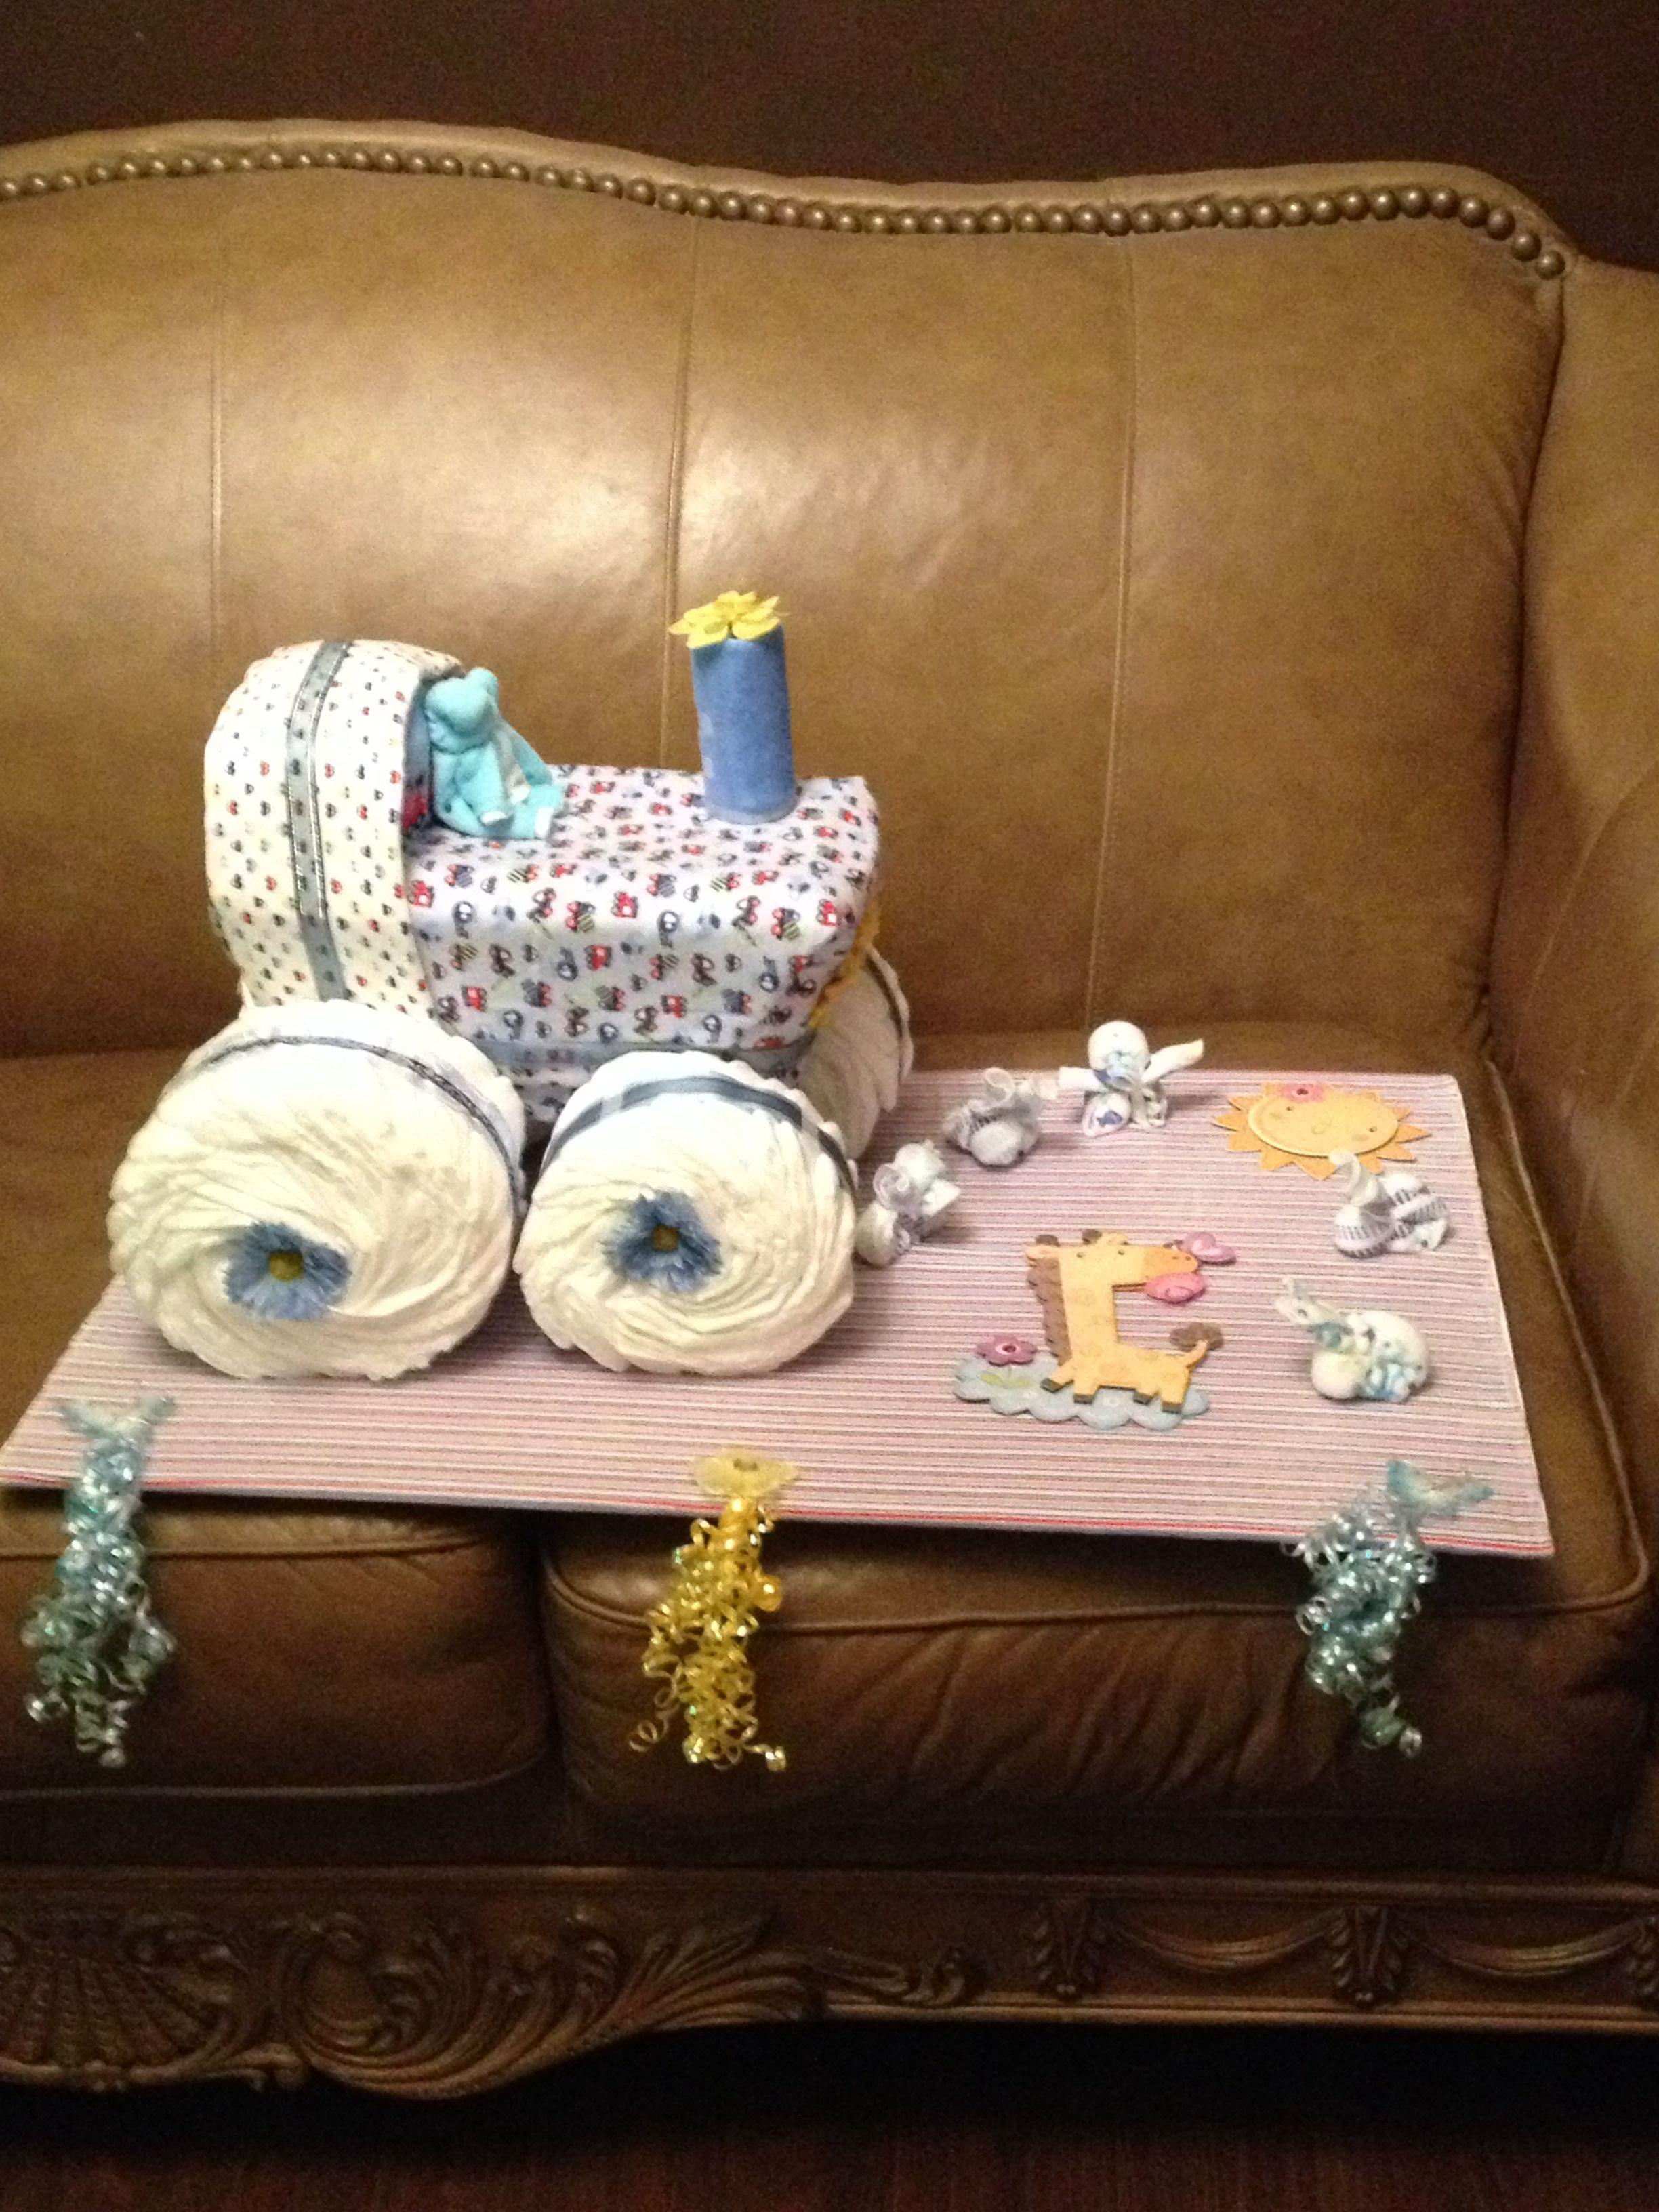 boys baby shower gift 2 0 1 4 pinterest